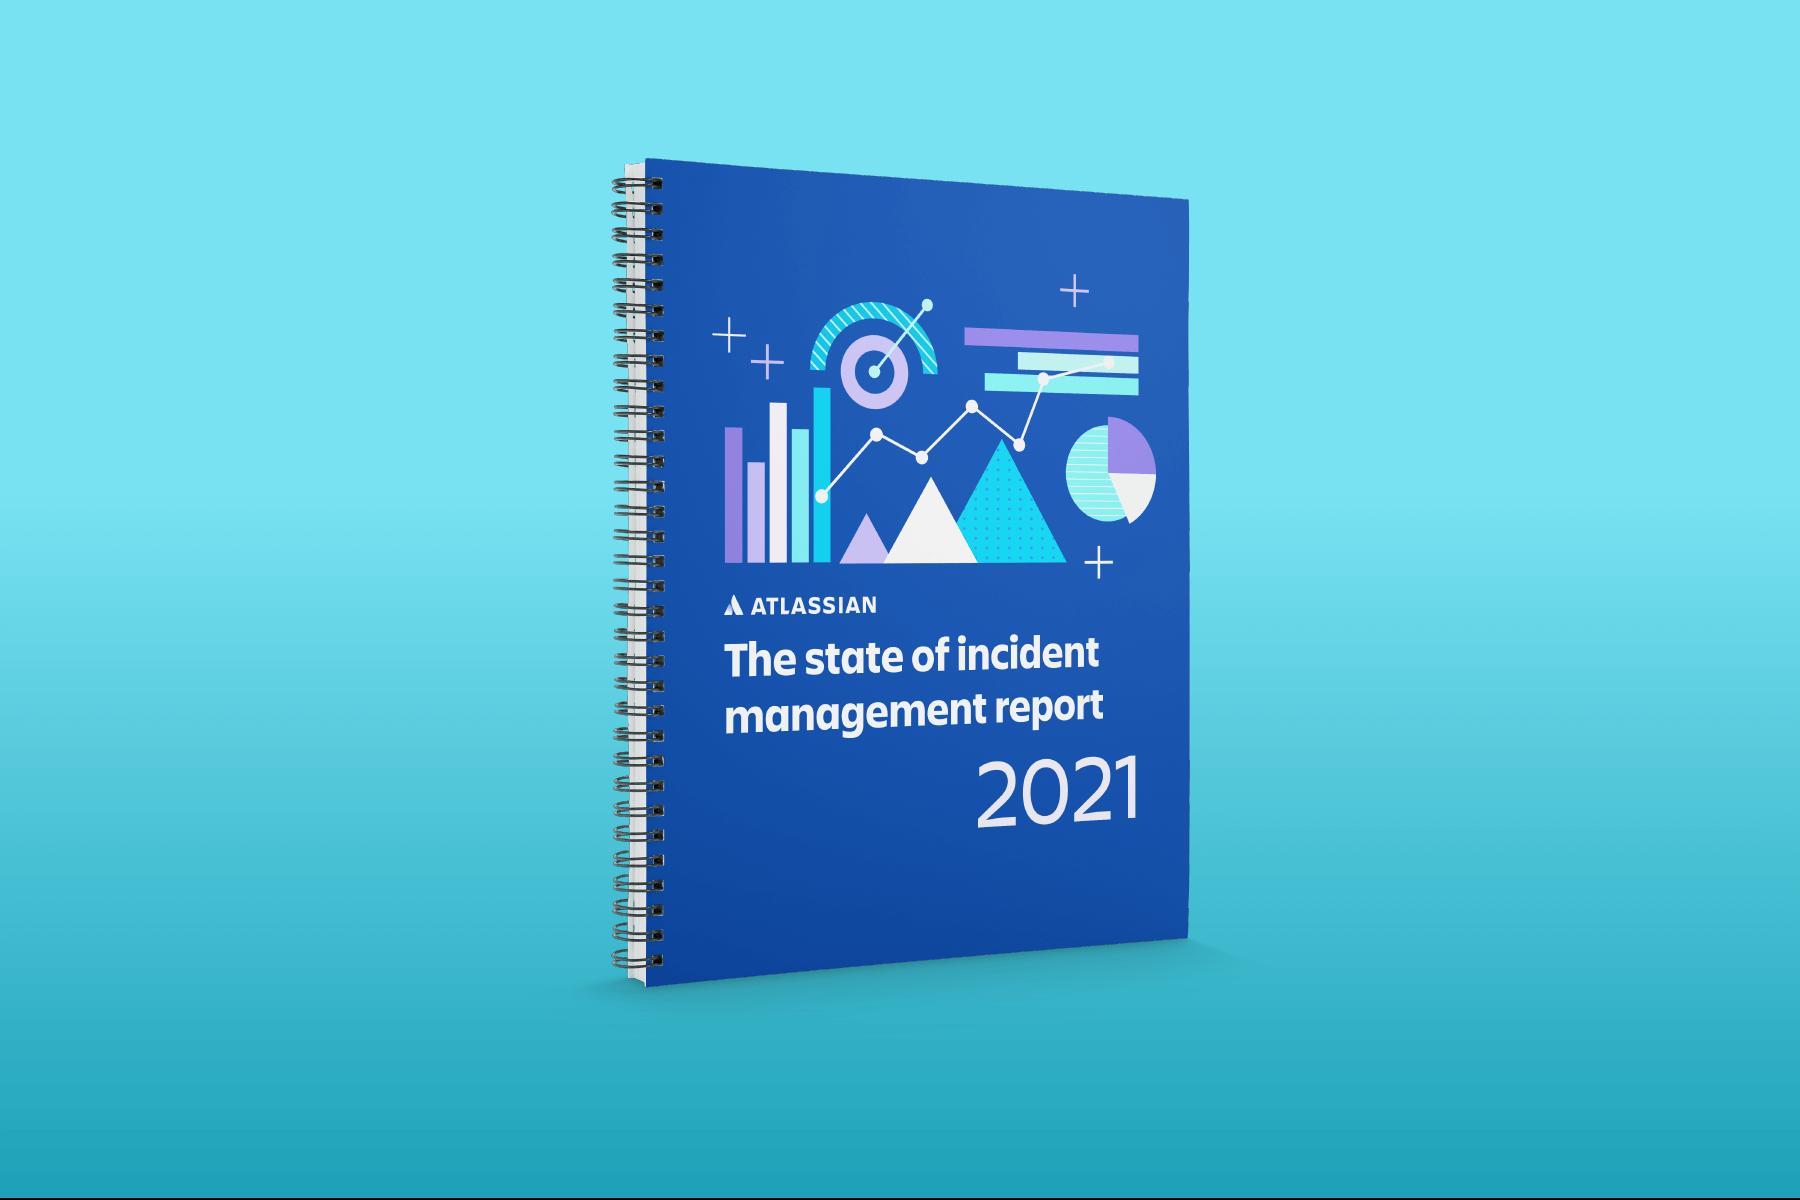 Raport o stanie zarządzania incydentami 2021 — okładka